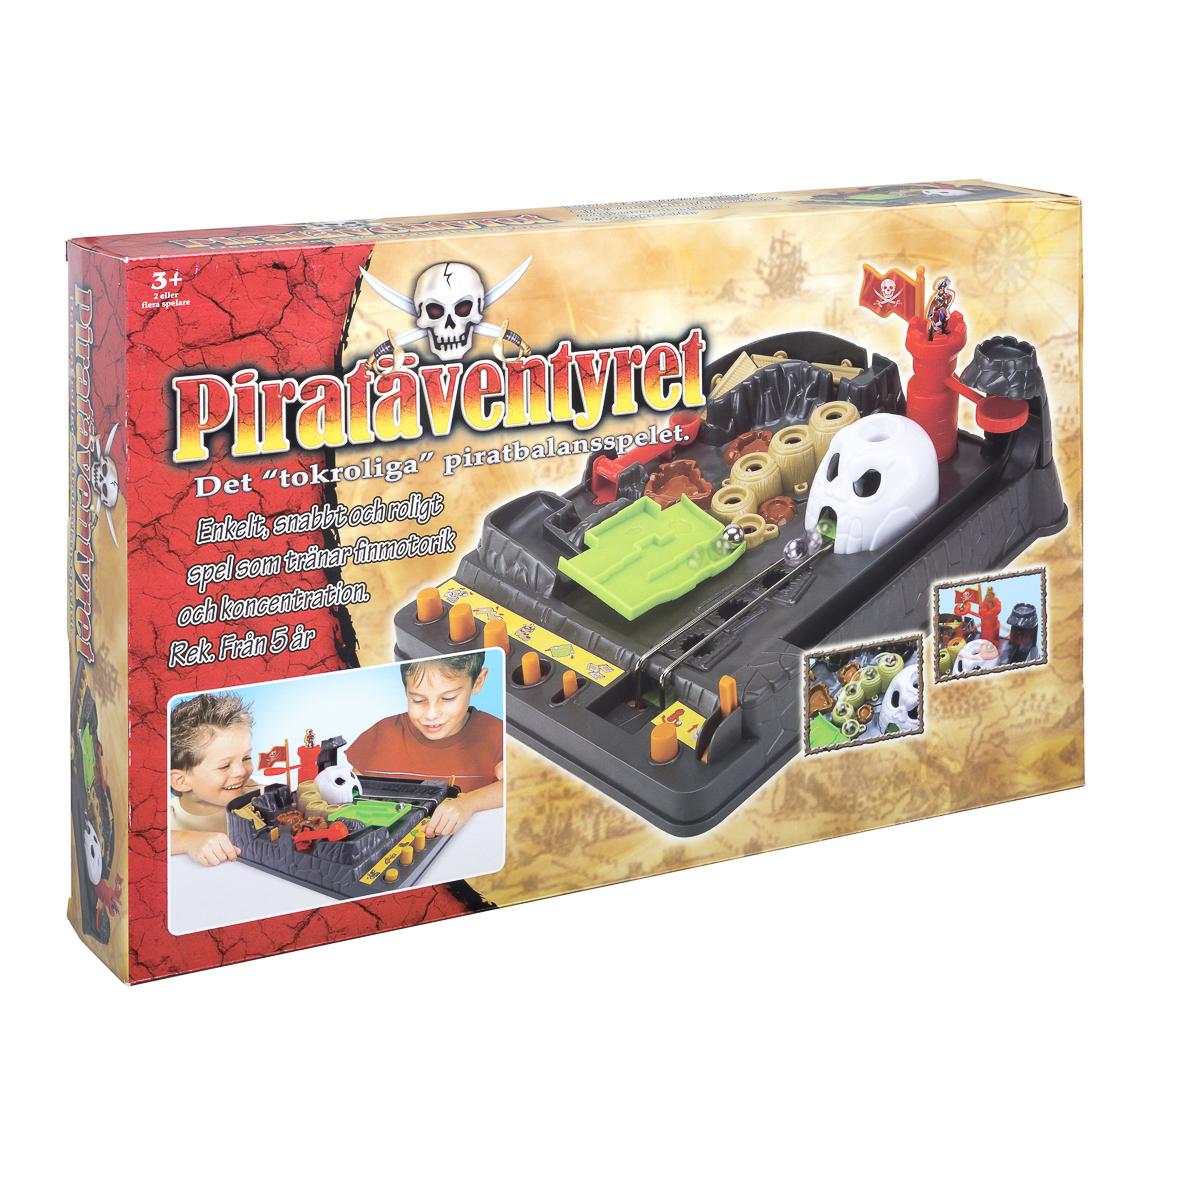 Piratäventyret, Piratbalansspelet